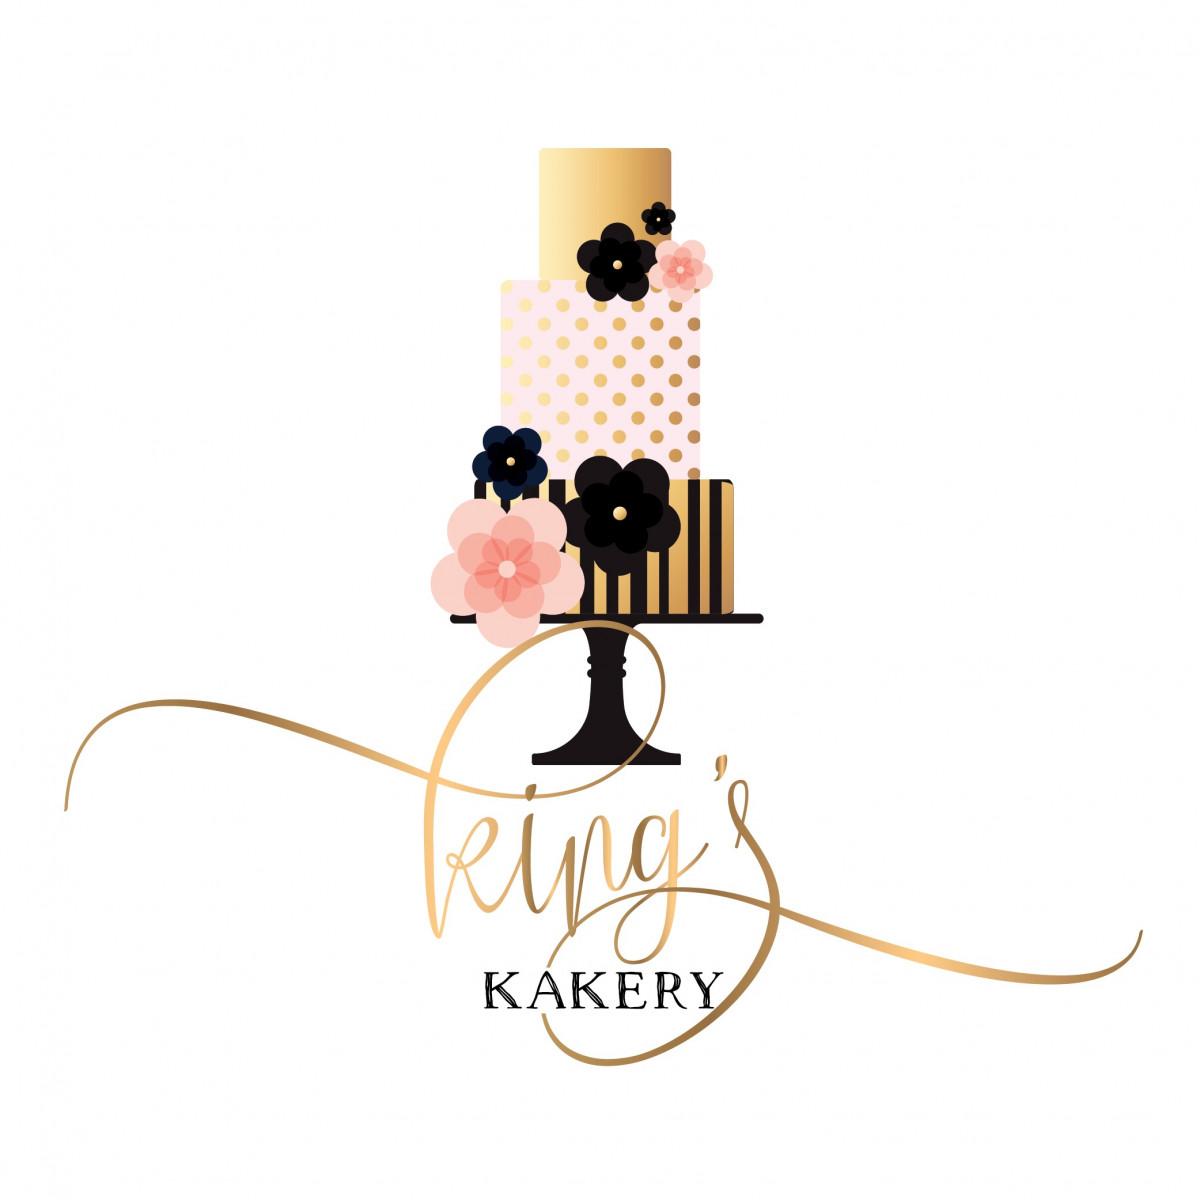 Kings Kakery Pastry Shop Open